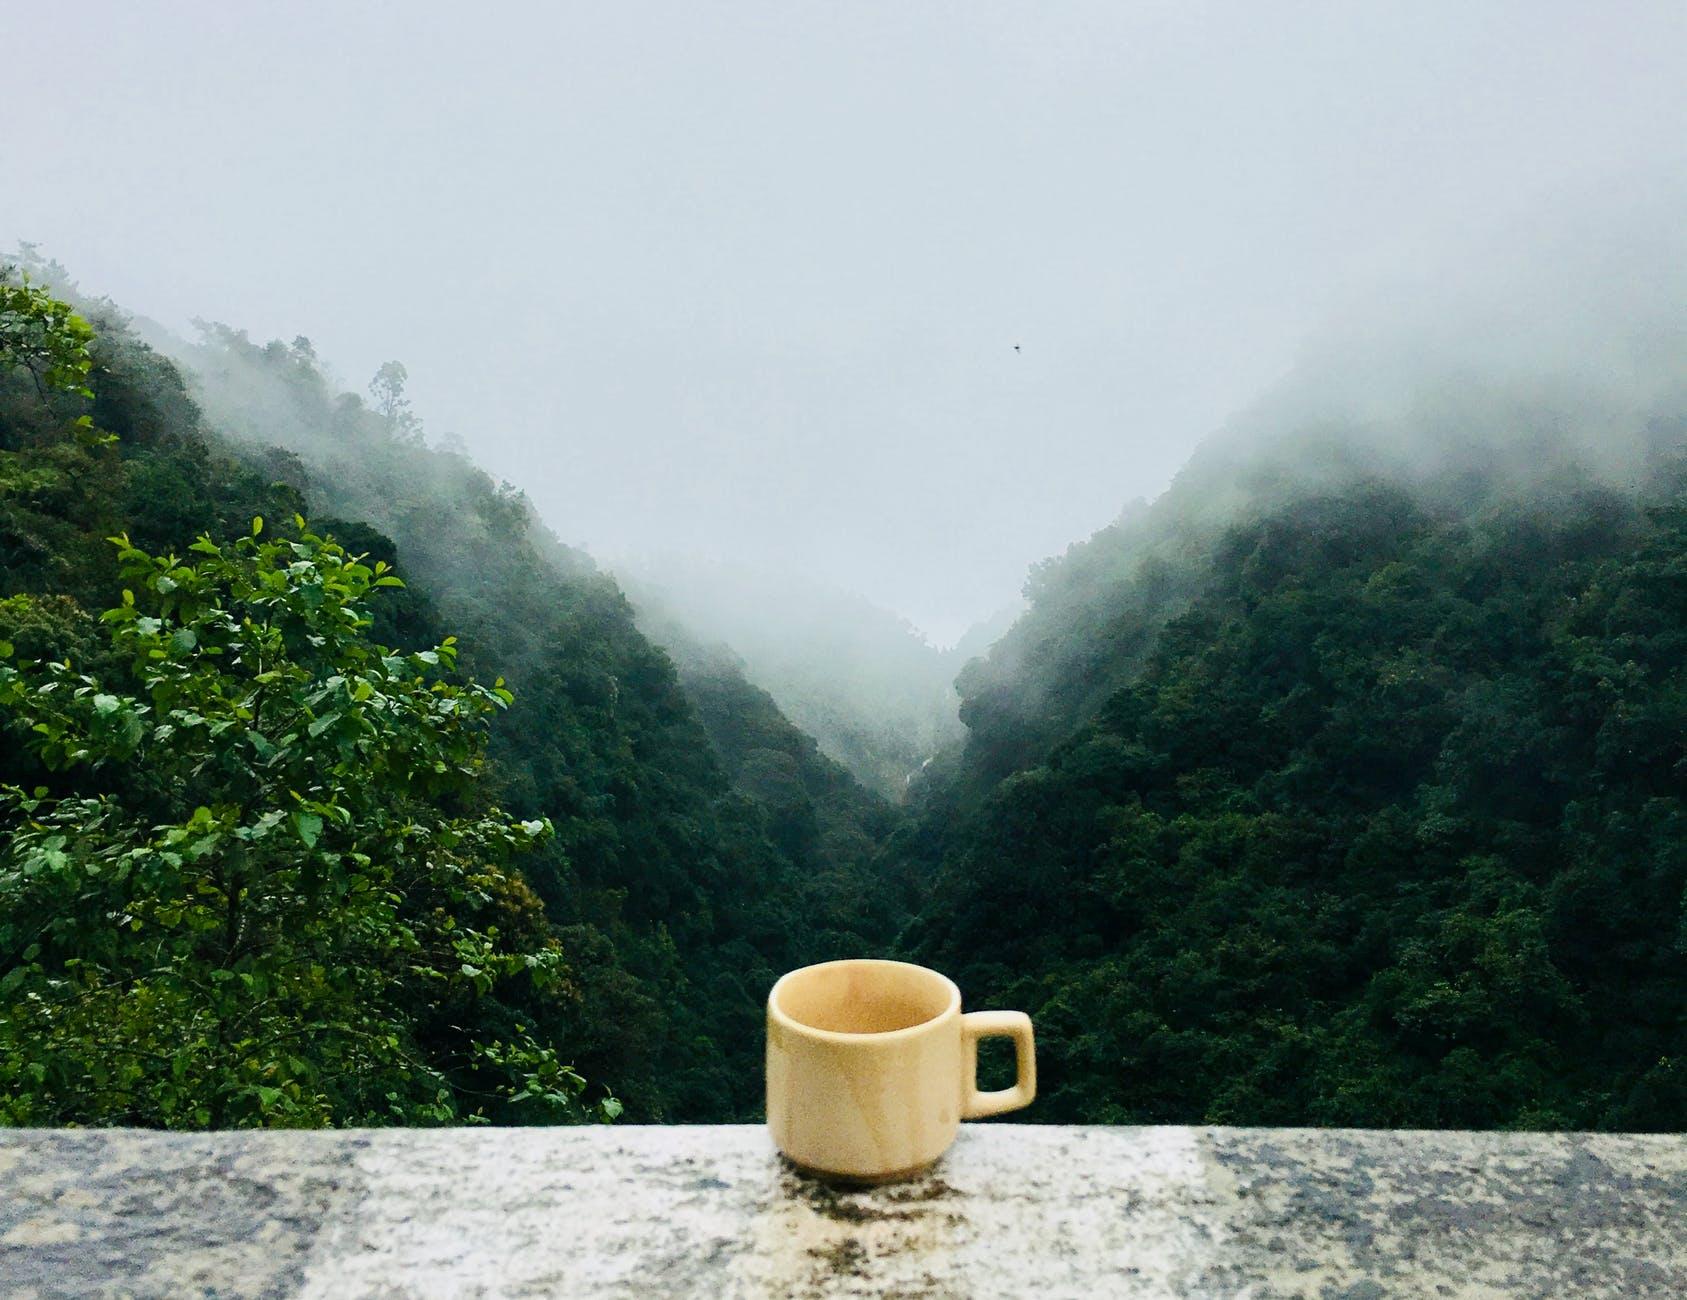 white ceramic cup